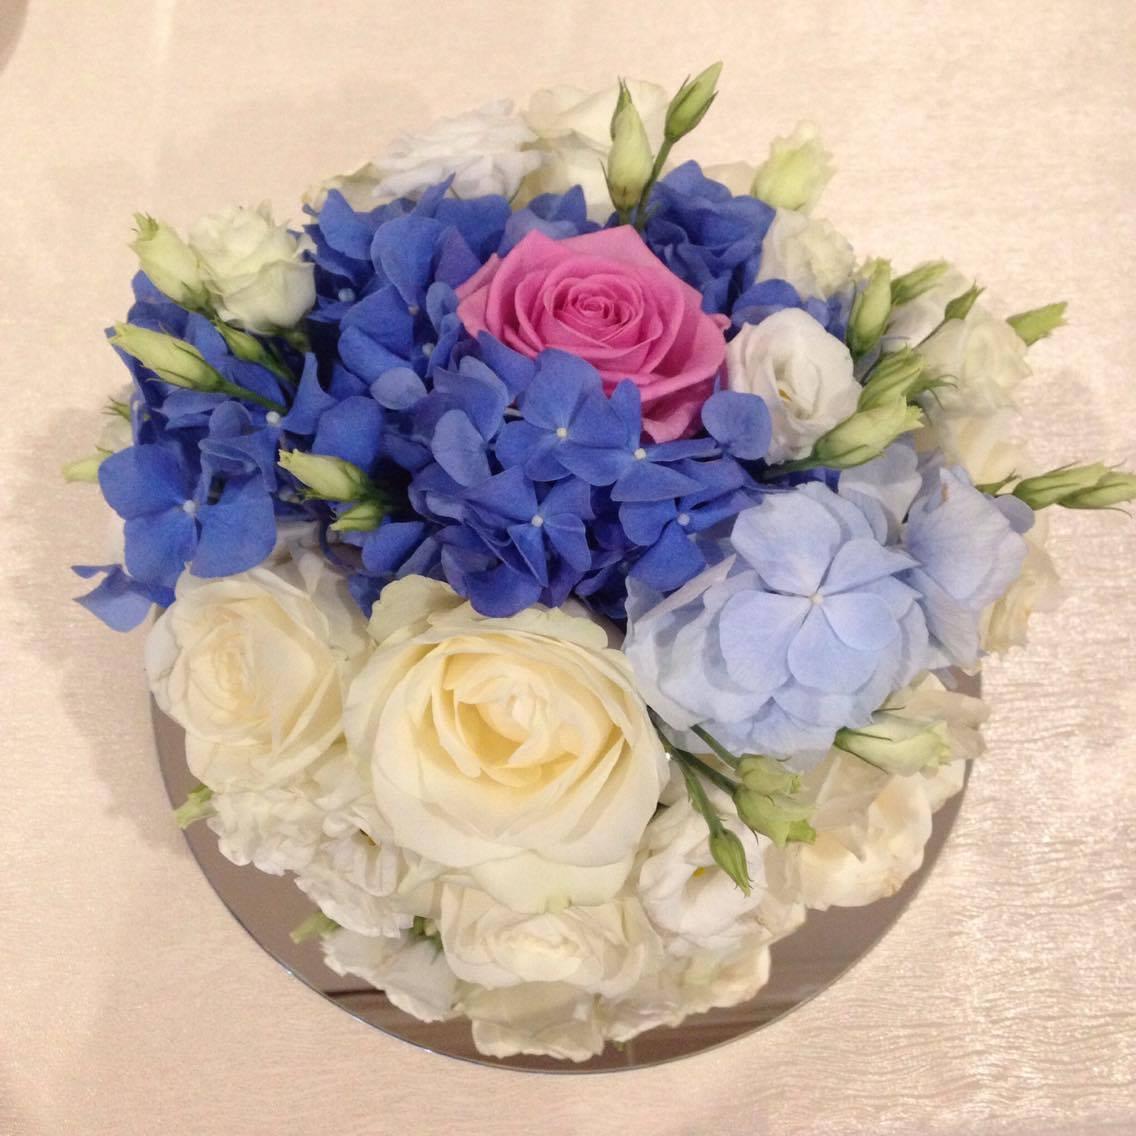 Aranjamente florale nunta si botez